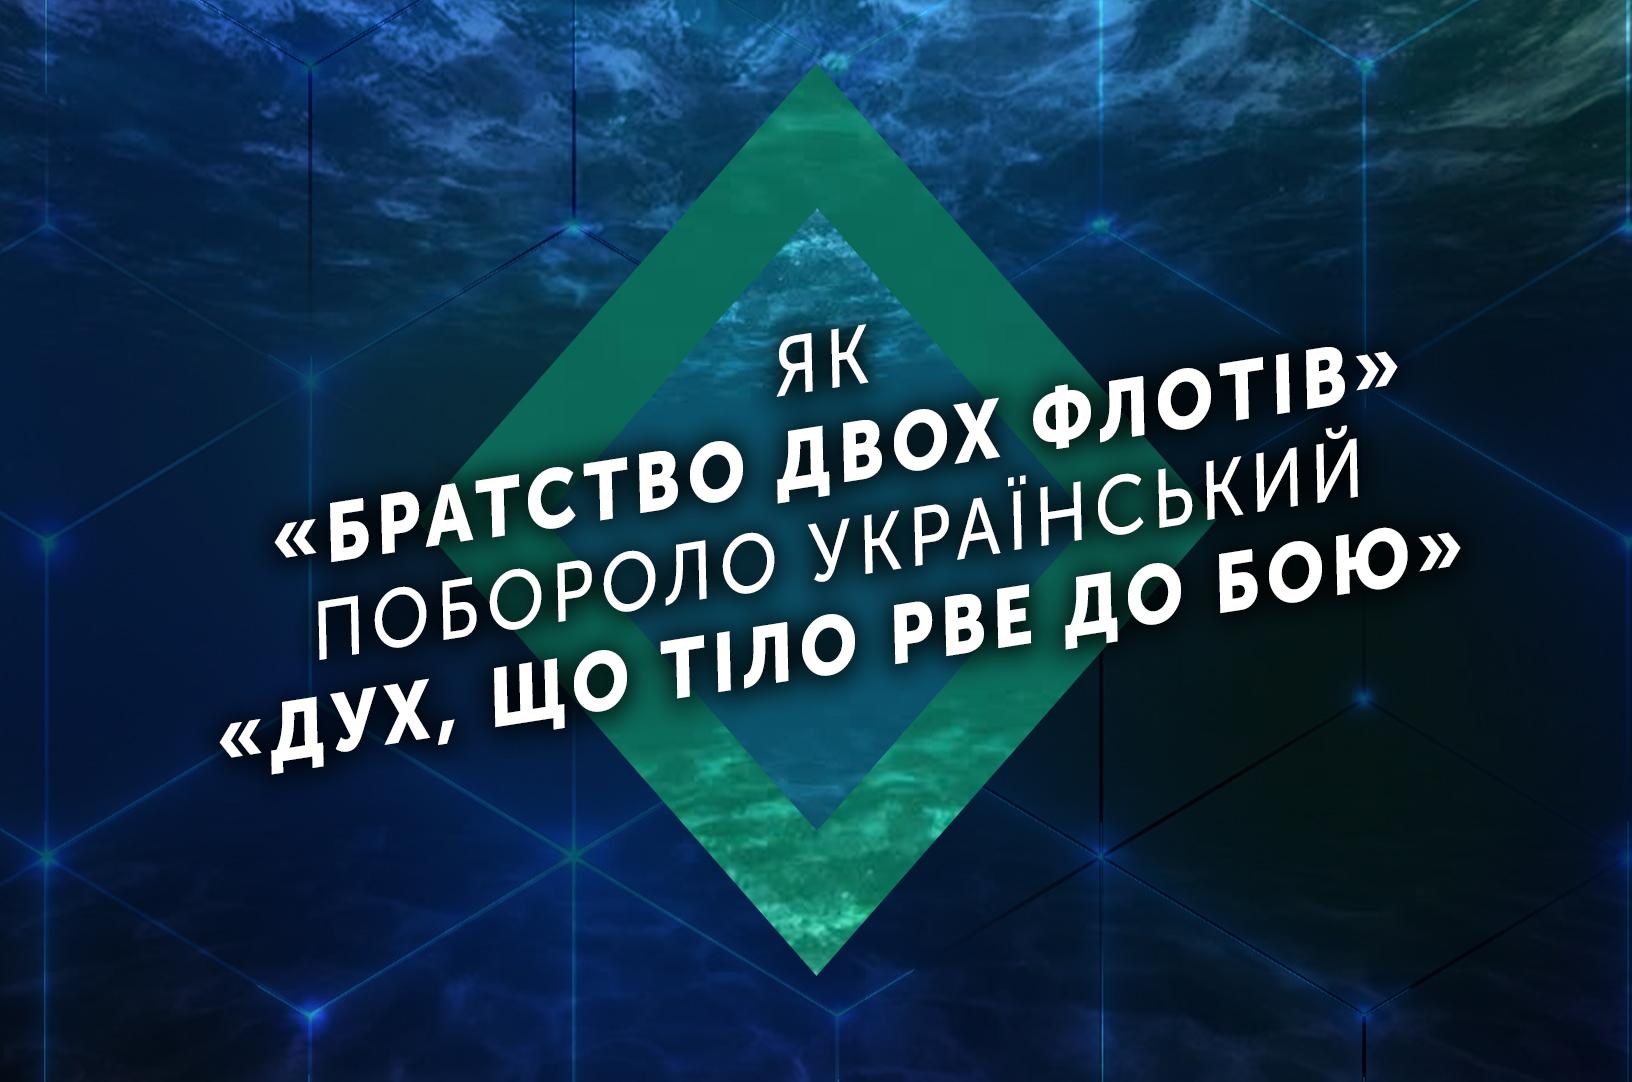 Як «братство двох флотів» побороло український «дух, що тіло рве до бою»